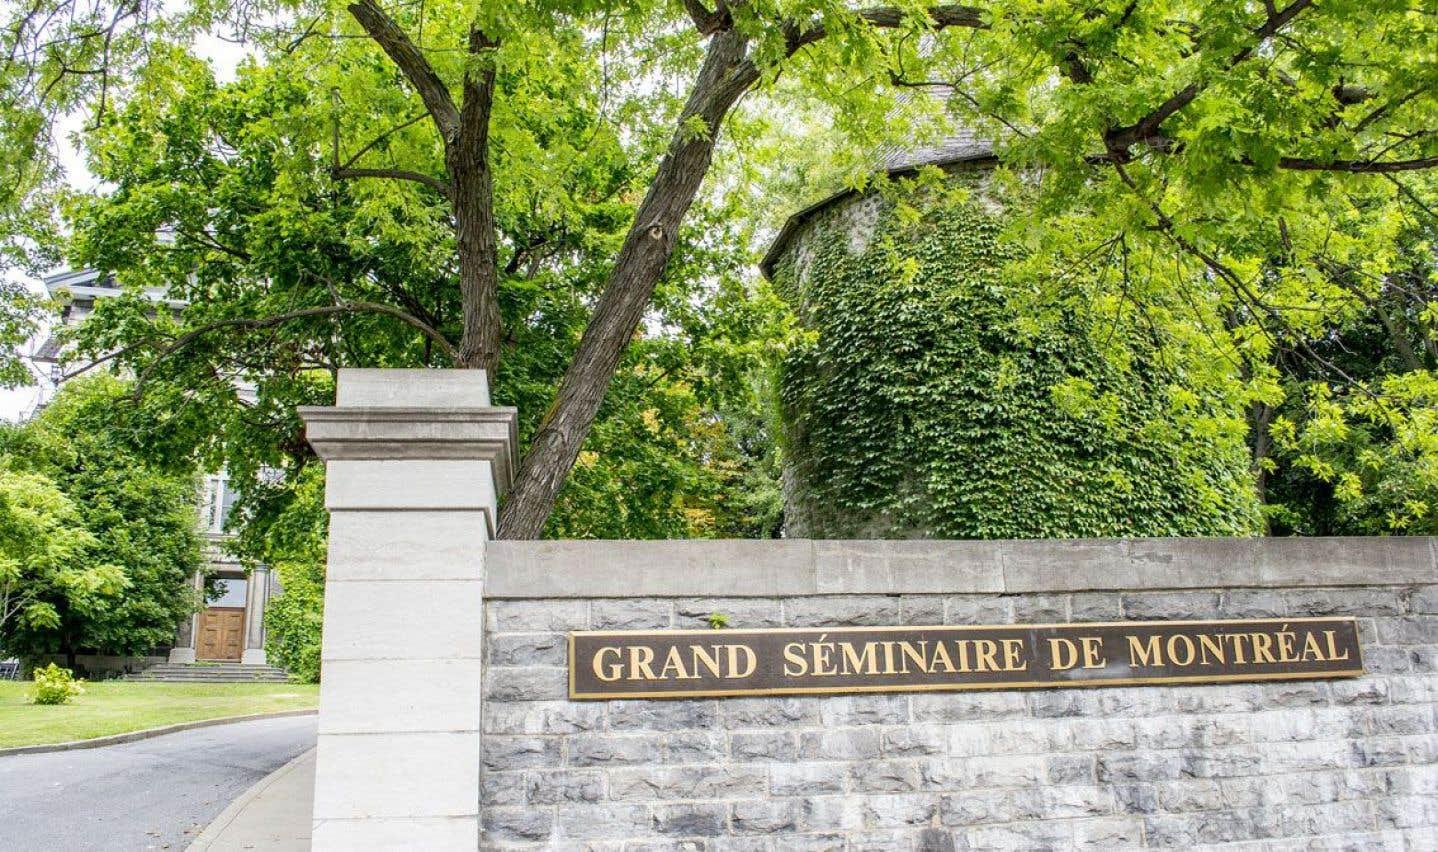 8000 prêtres formés au Grand Séminaire